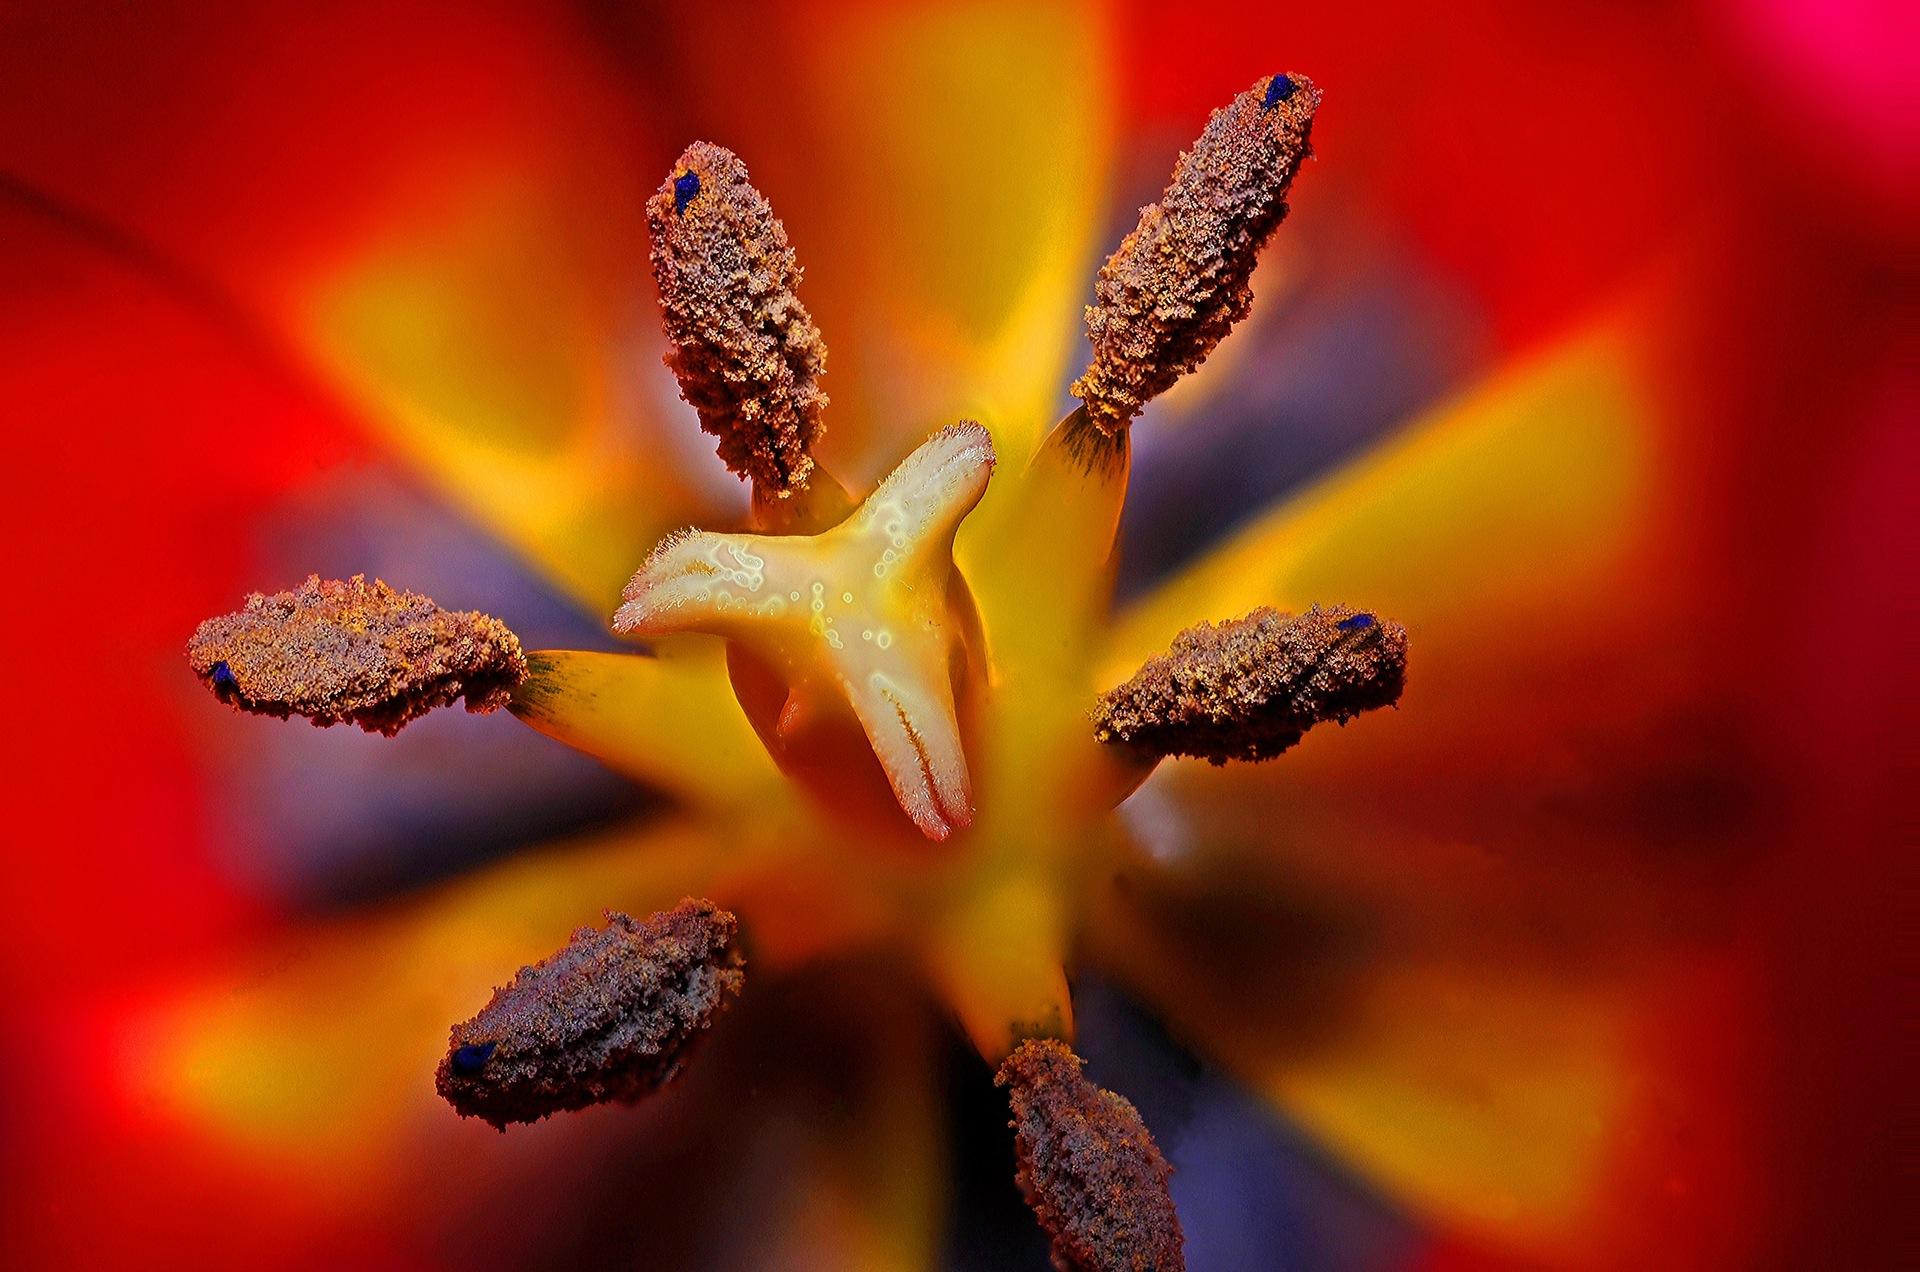 flor, florecer, estambre, polinización, rojo - Fondos de Pantalla HD - professor-falken.com